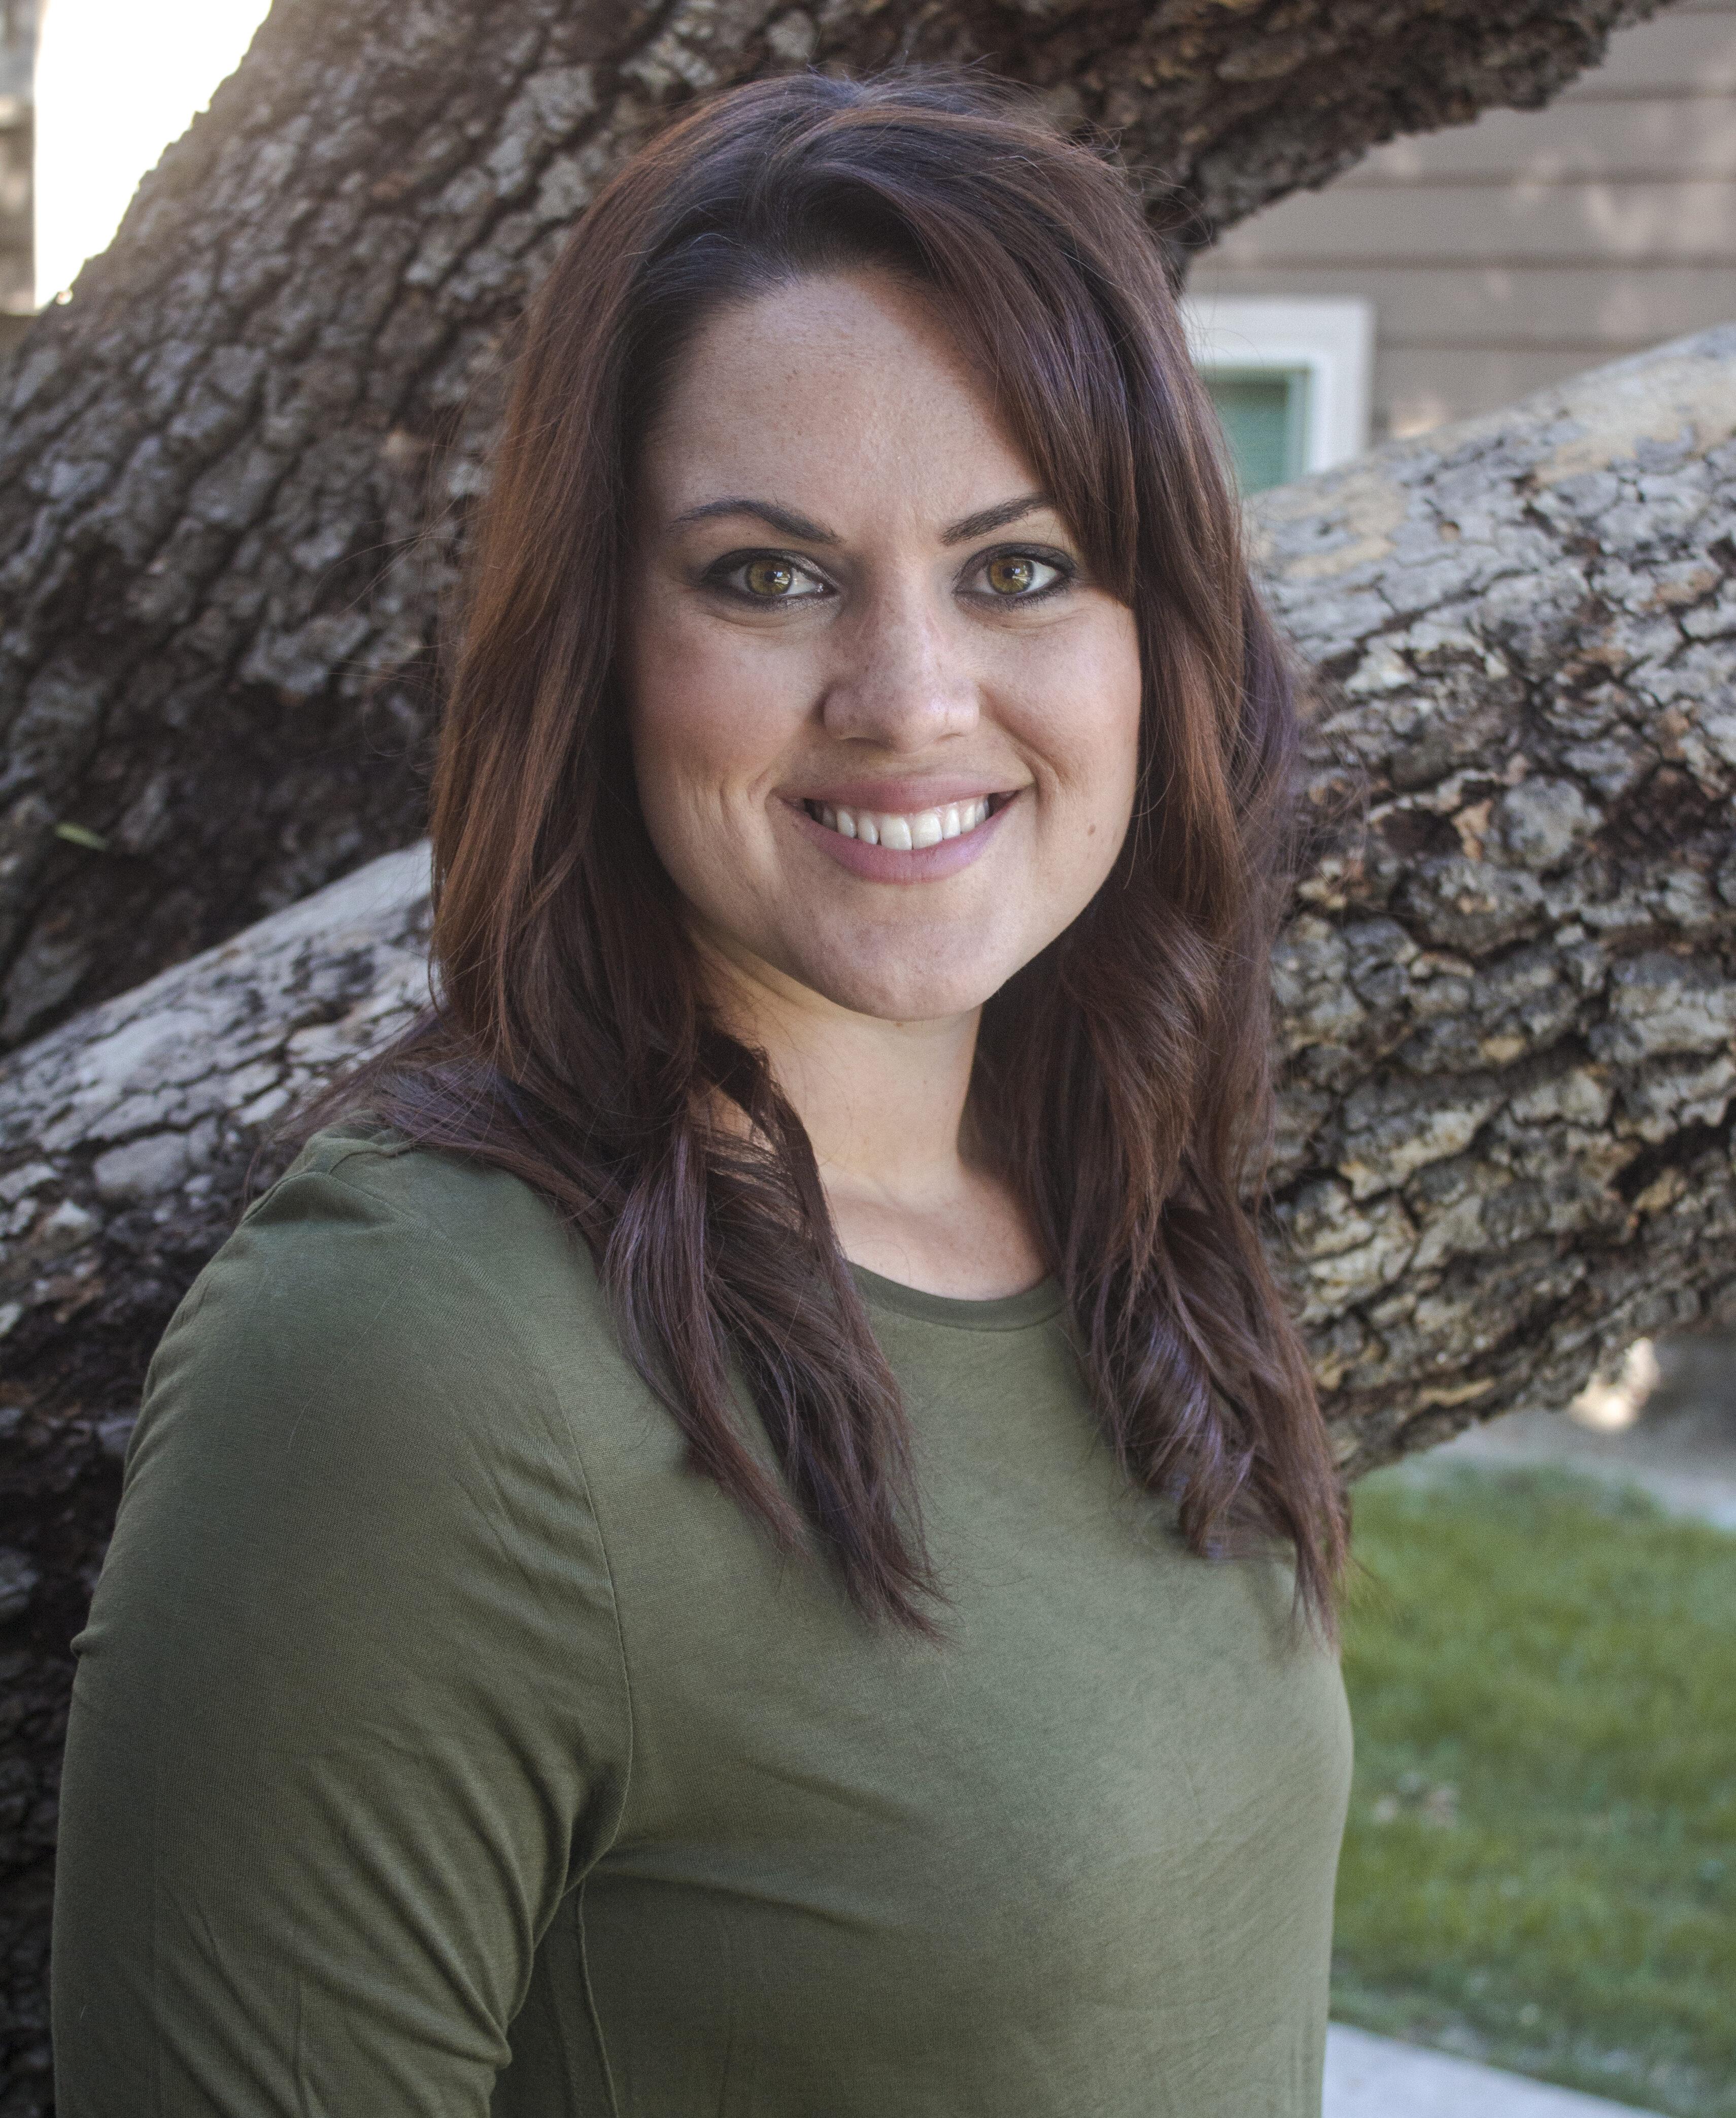 Ellie Kerley